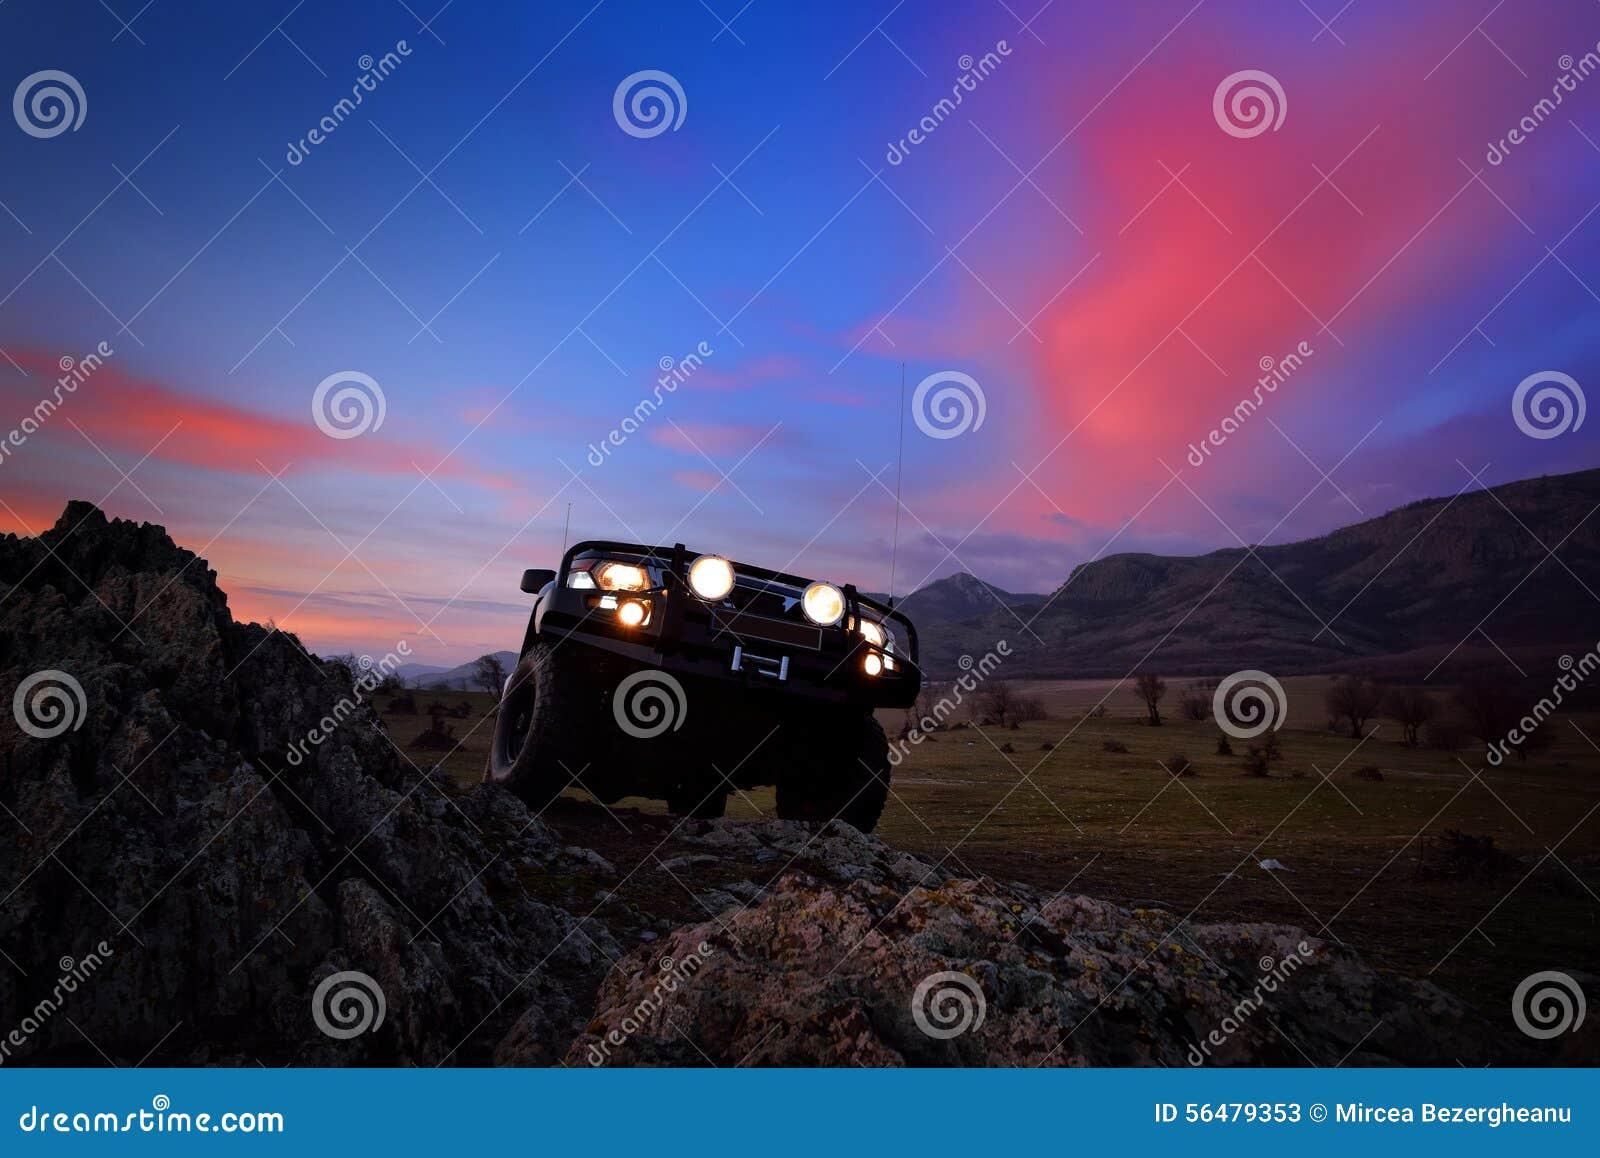 Voiture tous terrains sur la route de montagne au coucher du soleil